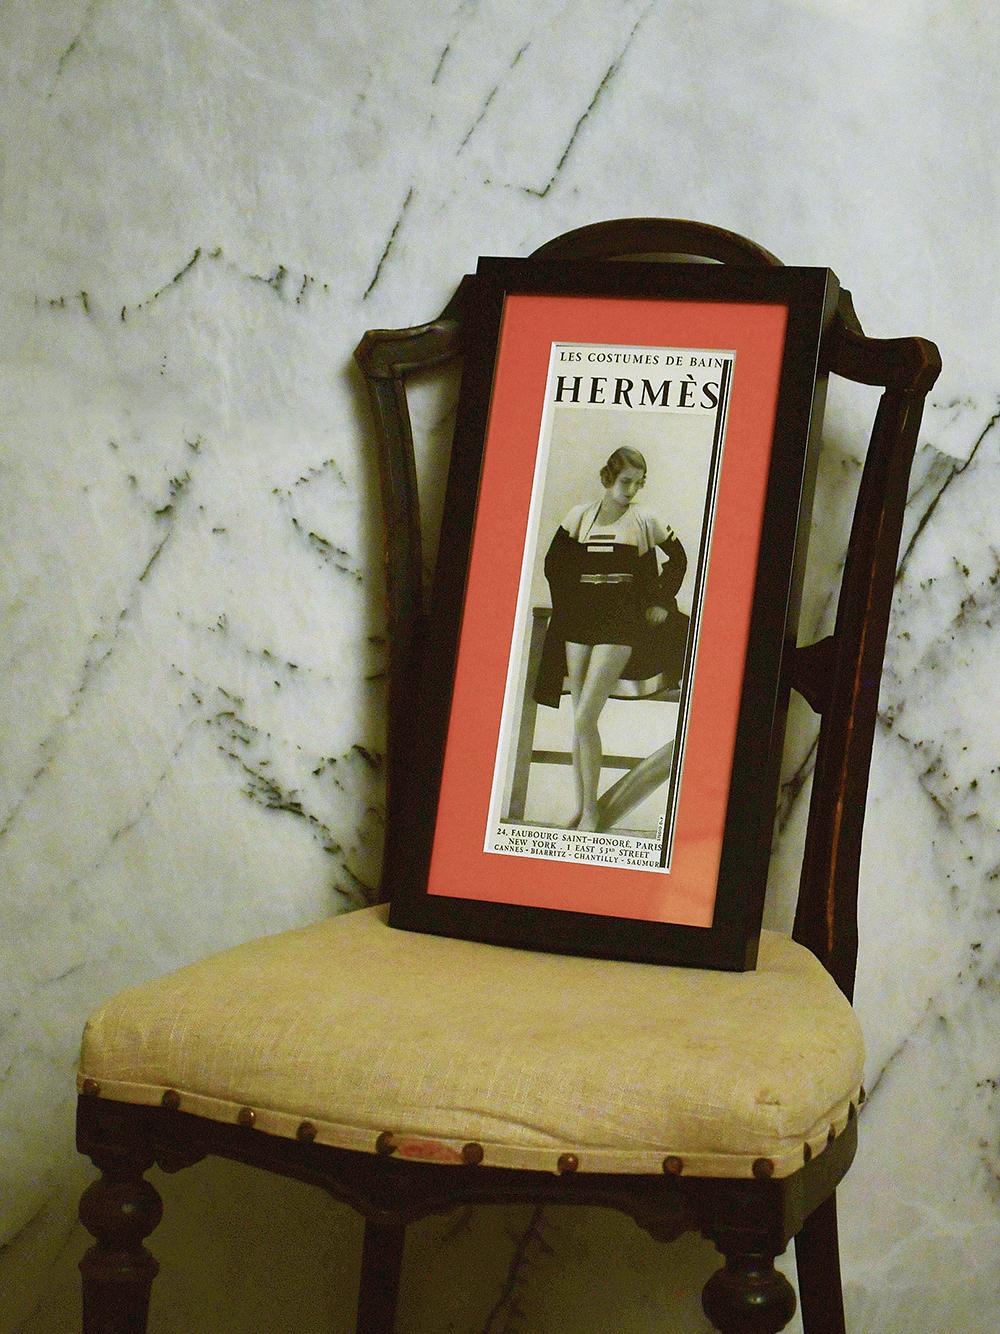 HERMES 1931 コスチューム